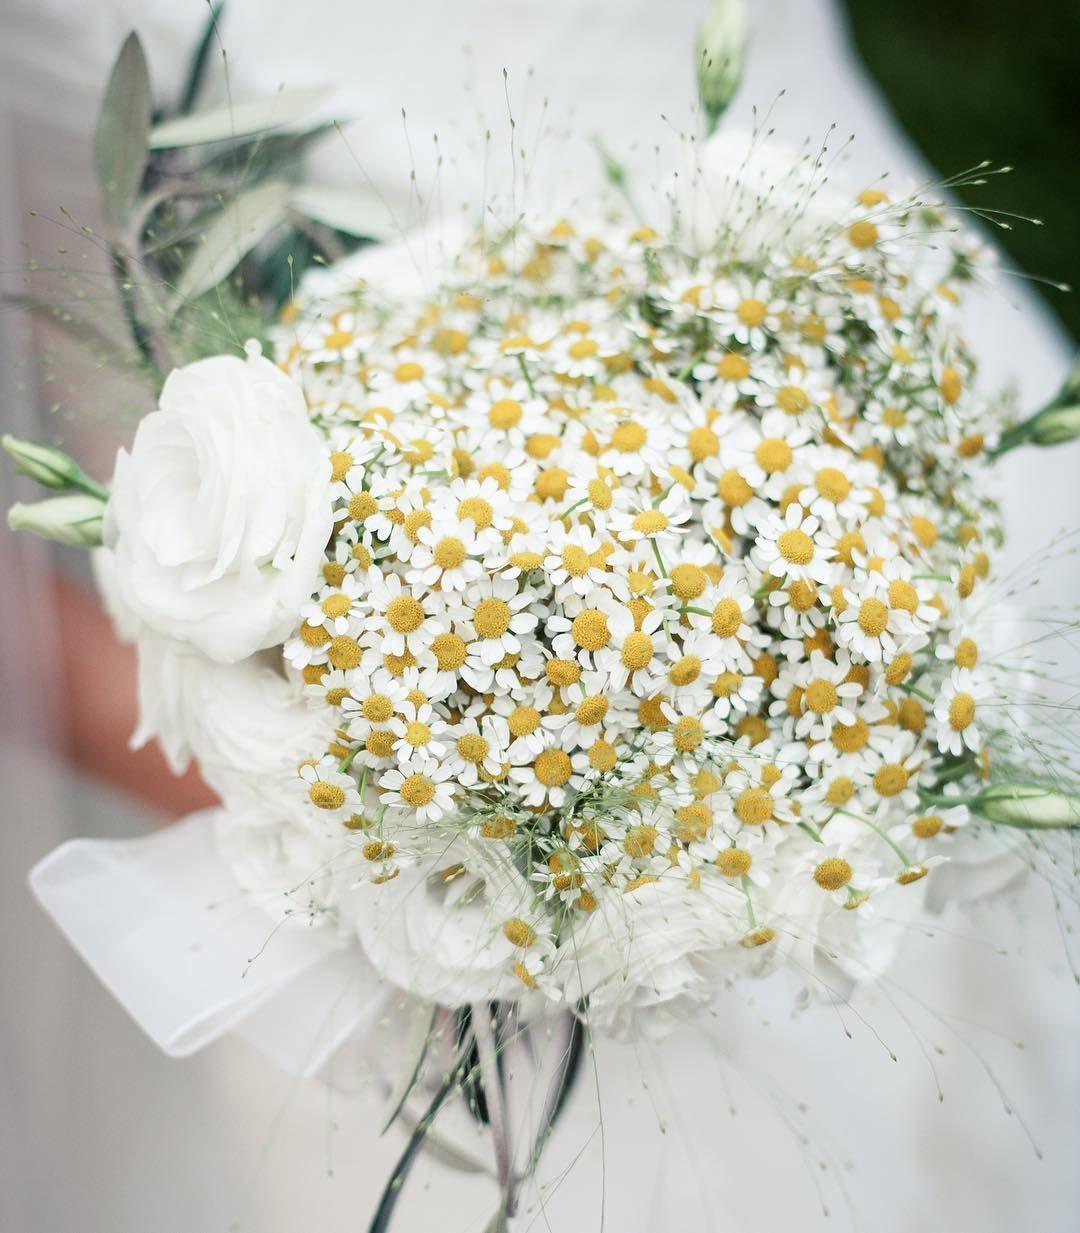 Bouquet Sposa Enzo Miccio.Enzo Miccio On Instagram La Raffinatezza Della Semplicita